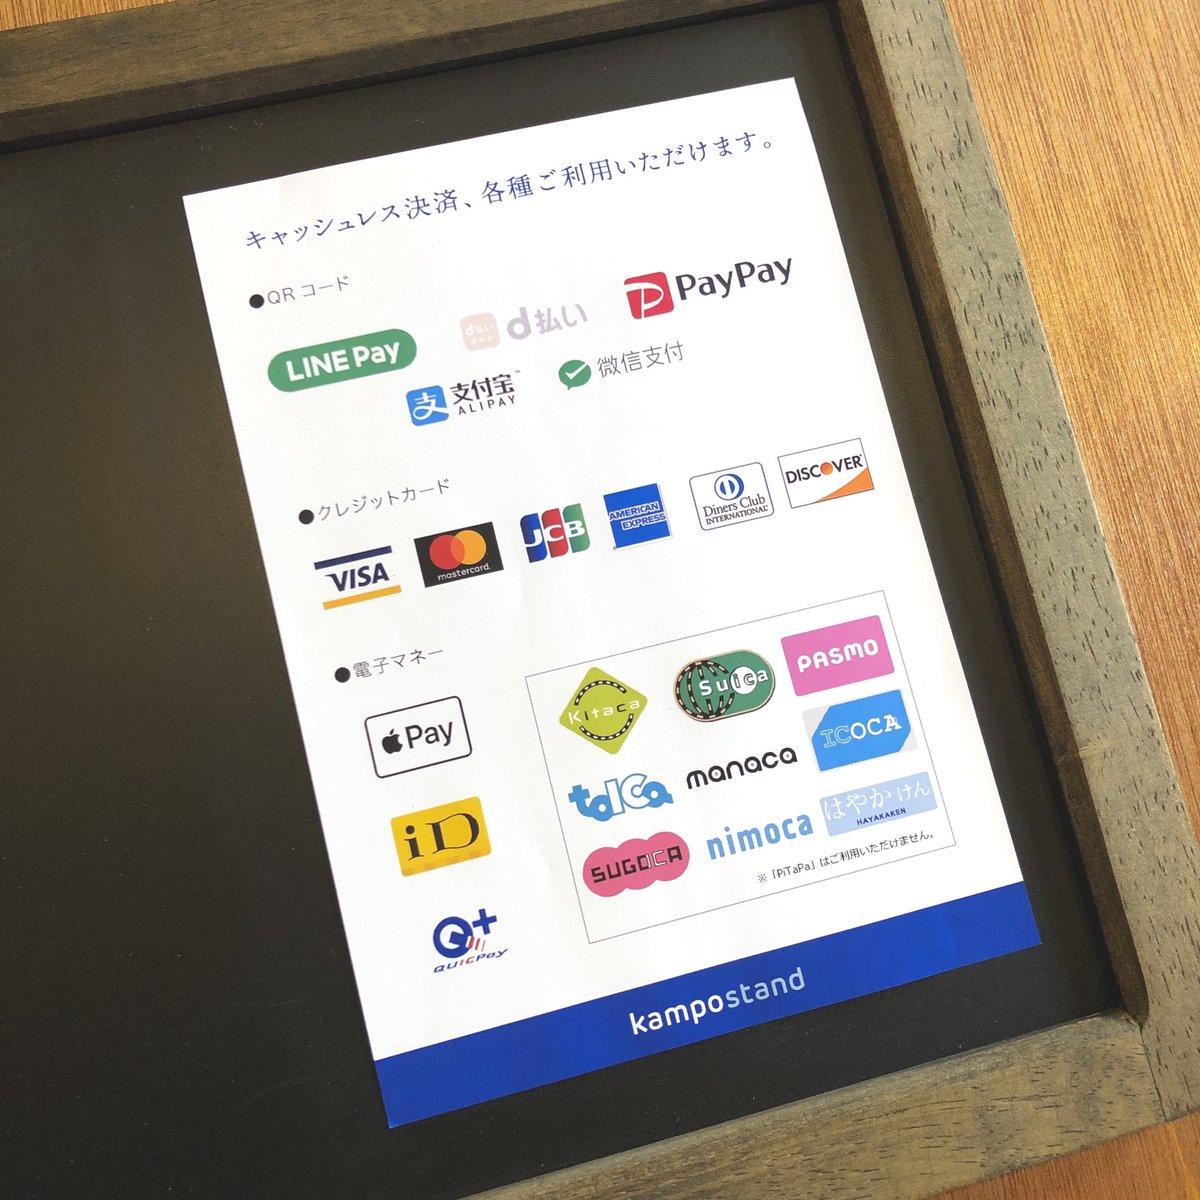 便利な #キャッシュレス決済 も各種ご利用いただけます?#LINEPay #paypay #PayPay使えるお店 #d払いはもうすぐ利用可能 #電子マネー #クレジットカード #武蔵小山 #品川区 #kampostand #カンポースタンド